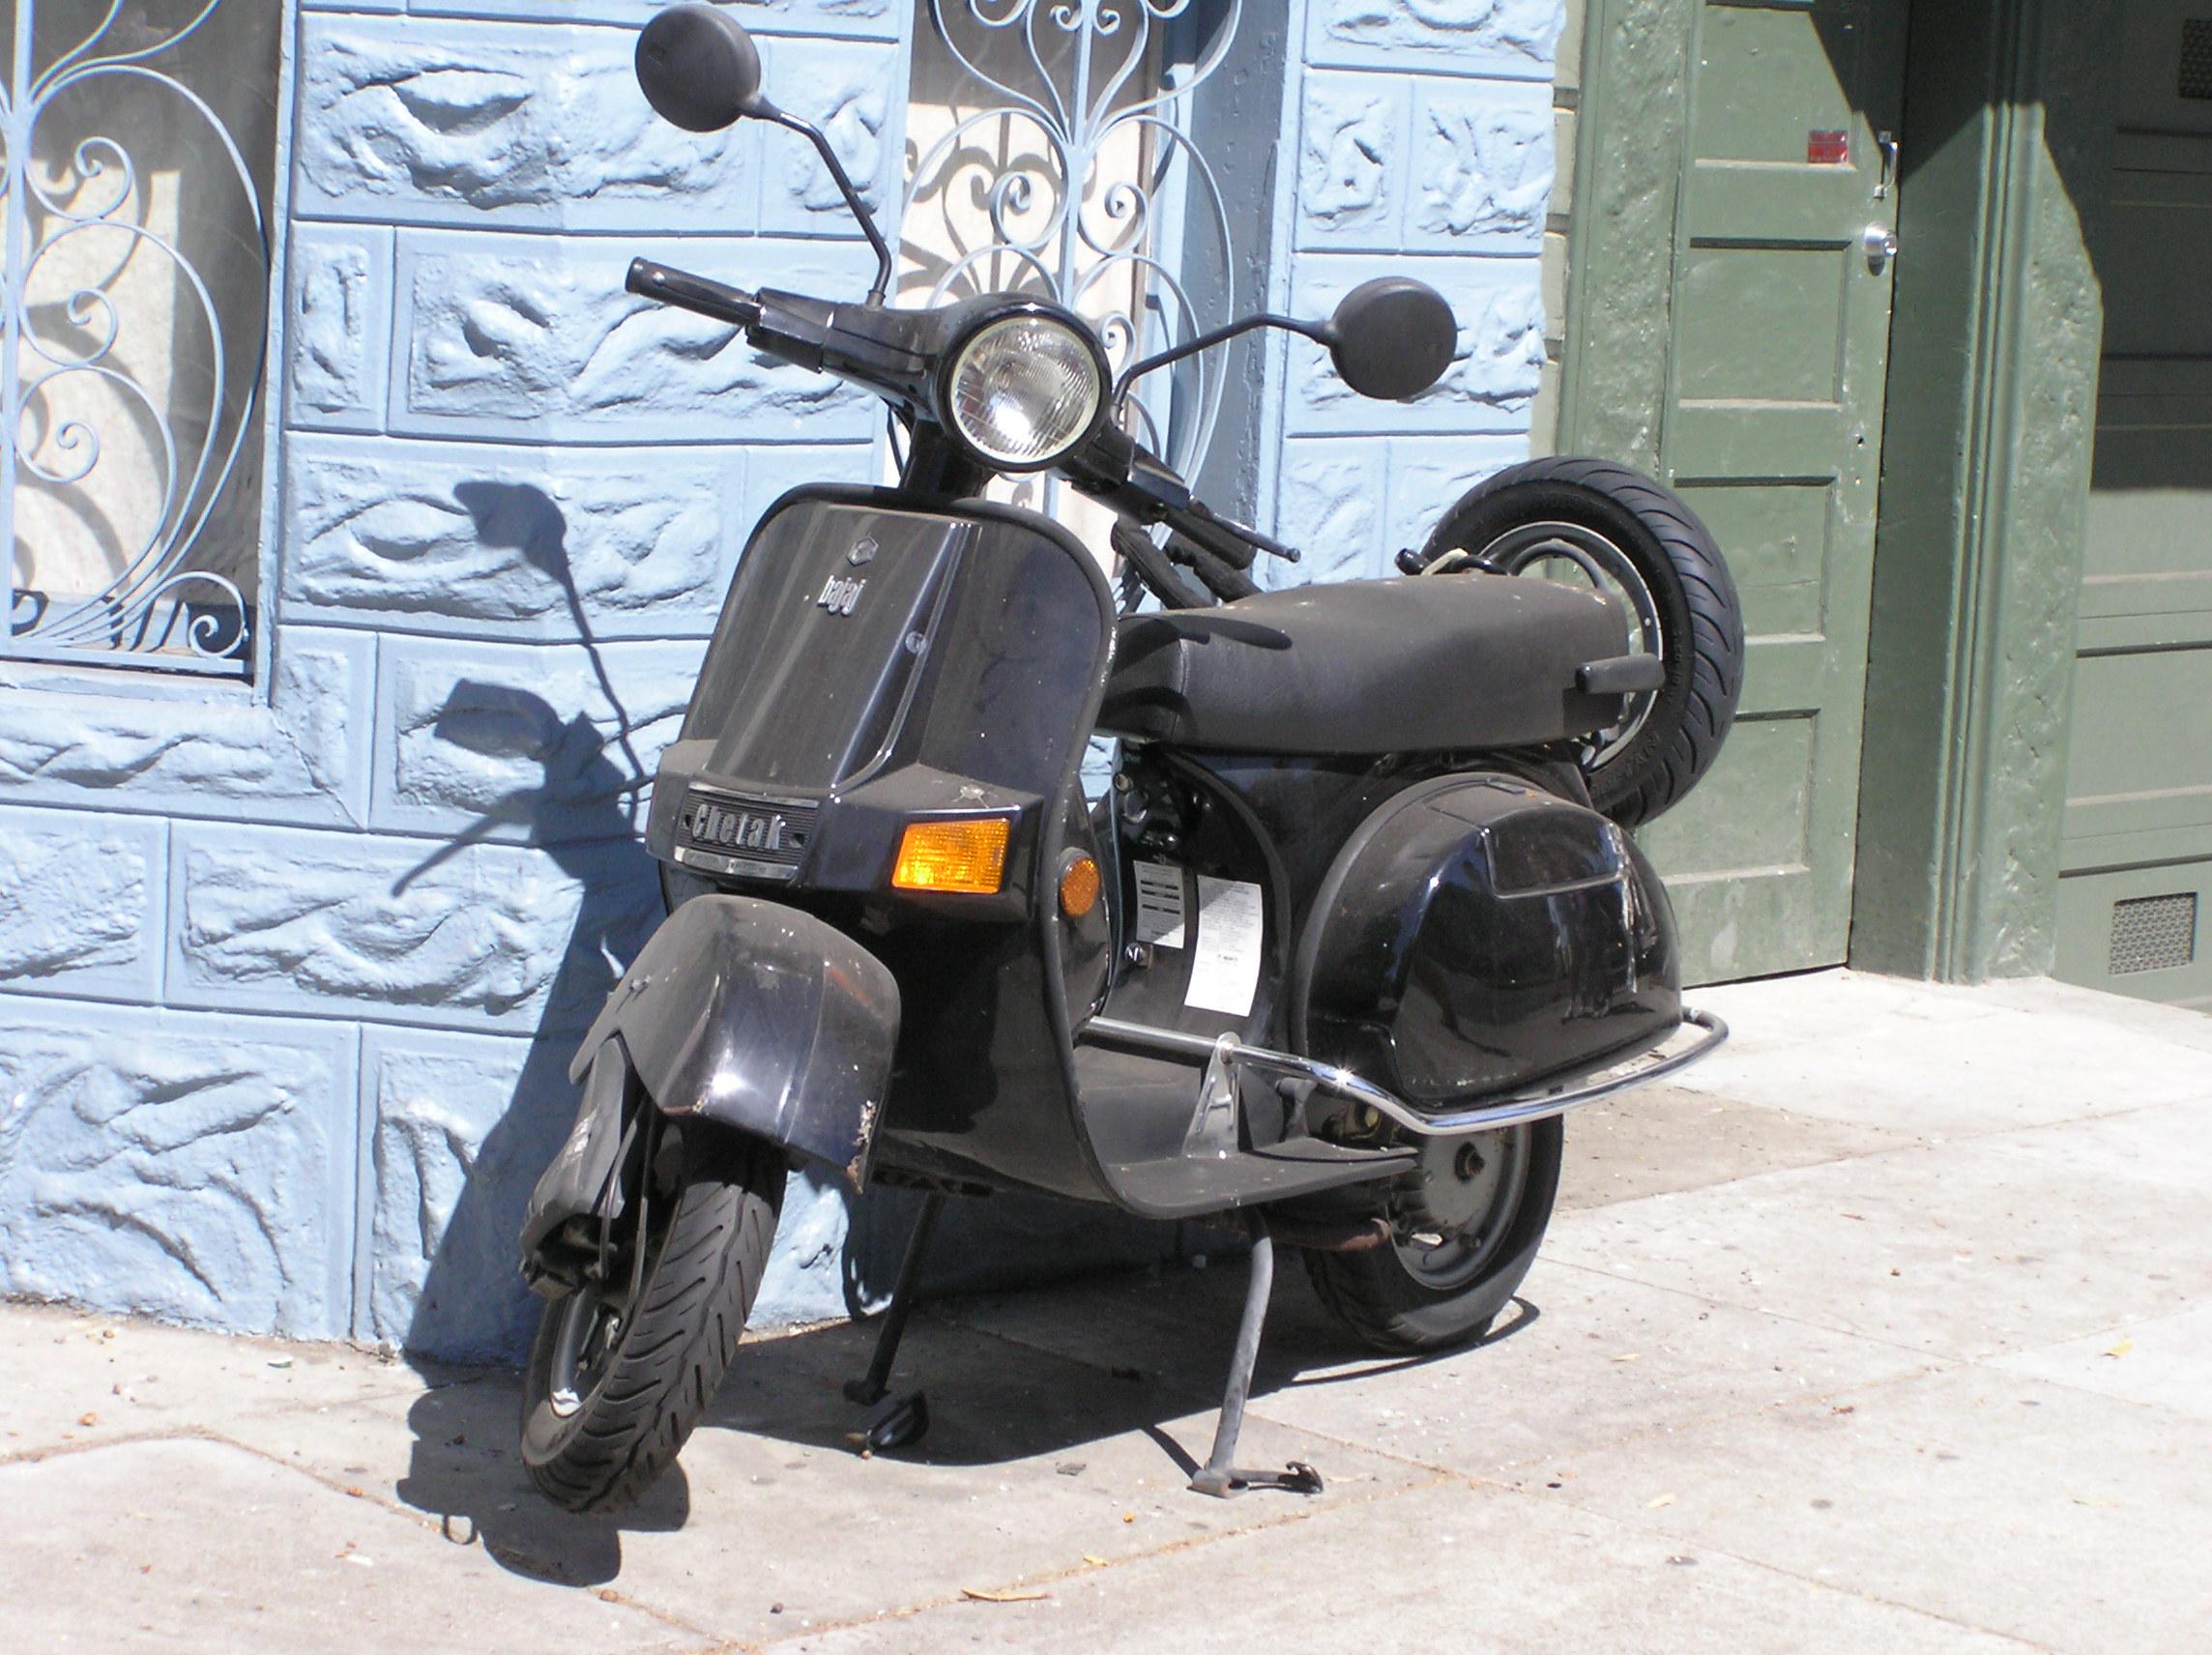 File:Bajaj chetak scooter 01.jpg - Wikipedia